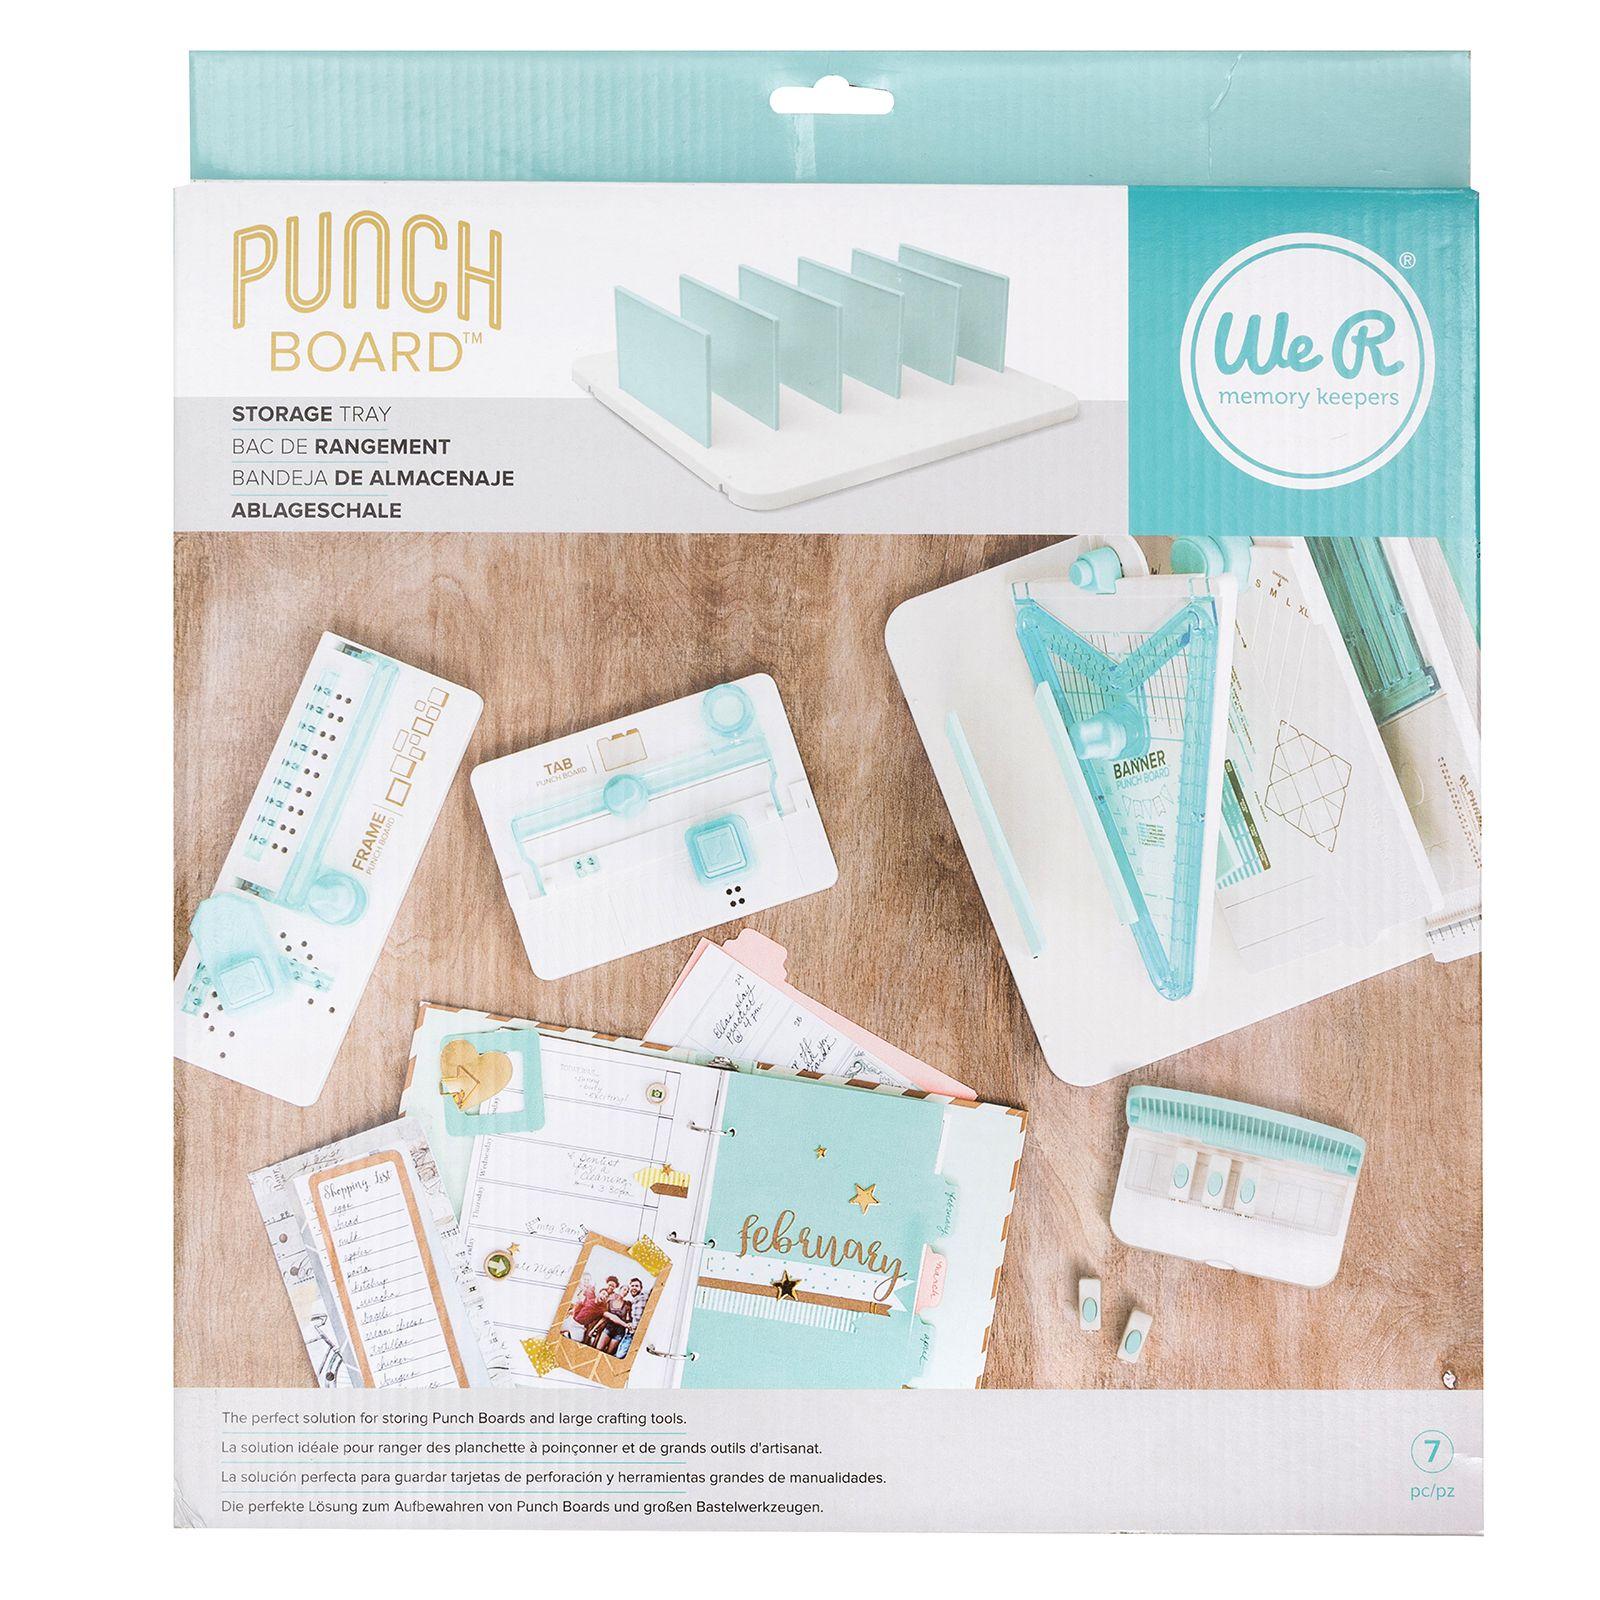 Punch Board Storage - Organizador de ferramentas - We R Memory Keepers